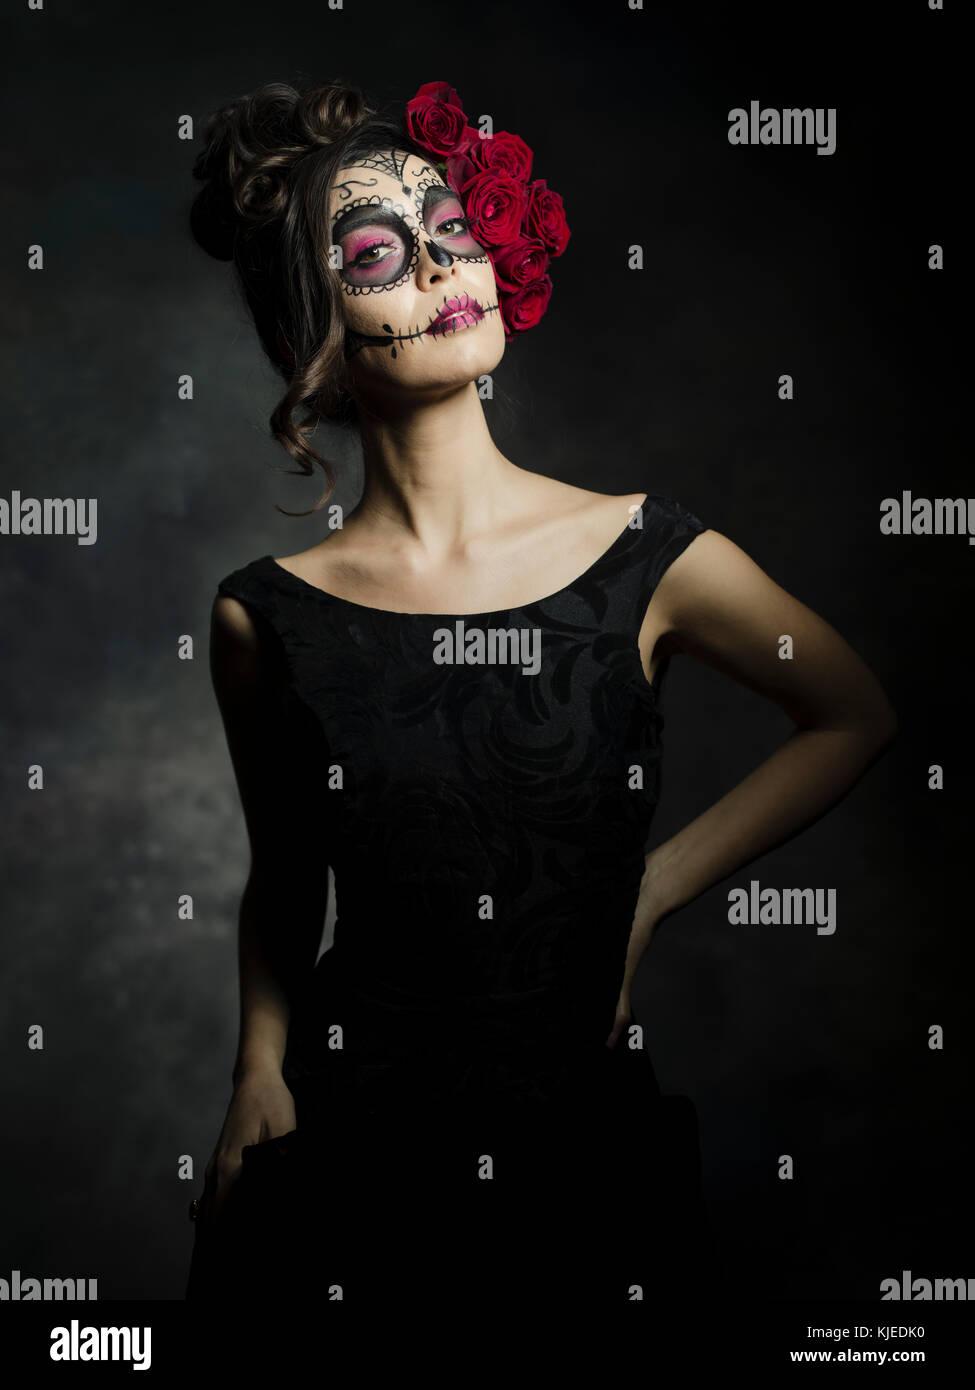 Schöne mexikanische amerikanische Frau feiern Día de los Muertos (Día de Muertos) ist der mexikanische Feiertag auch als Tag der Toten mit dem Schädel Make-up und Rosen im Stil von Catrina bekannt. Stockfoto